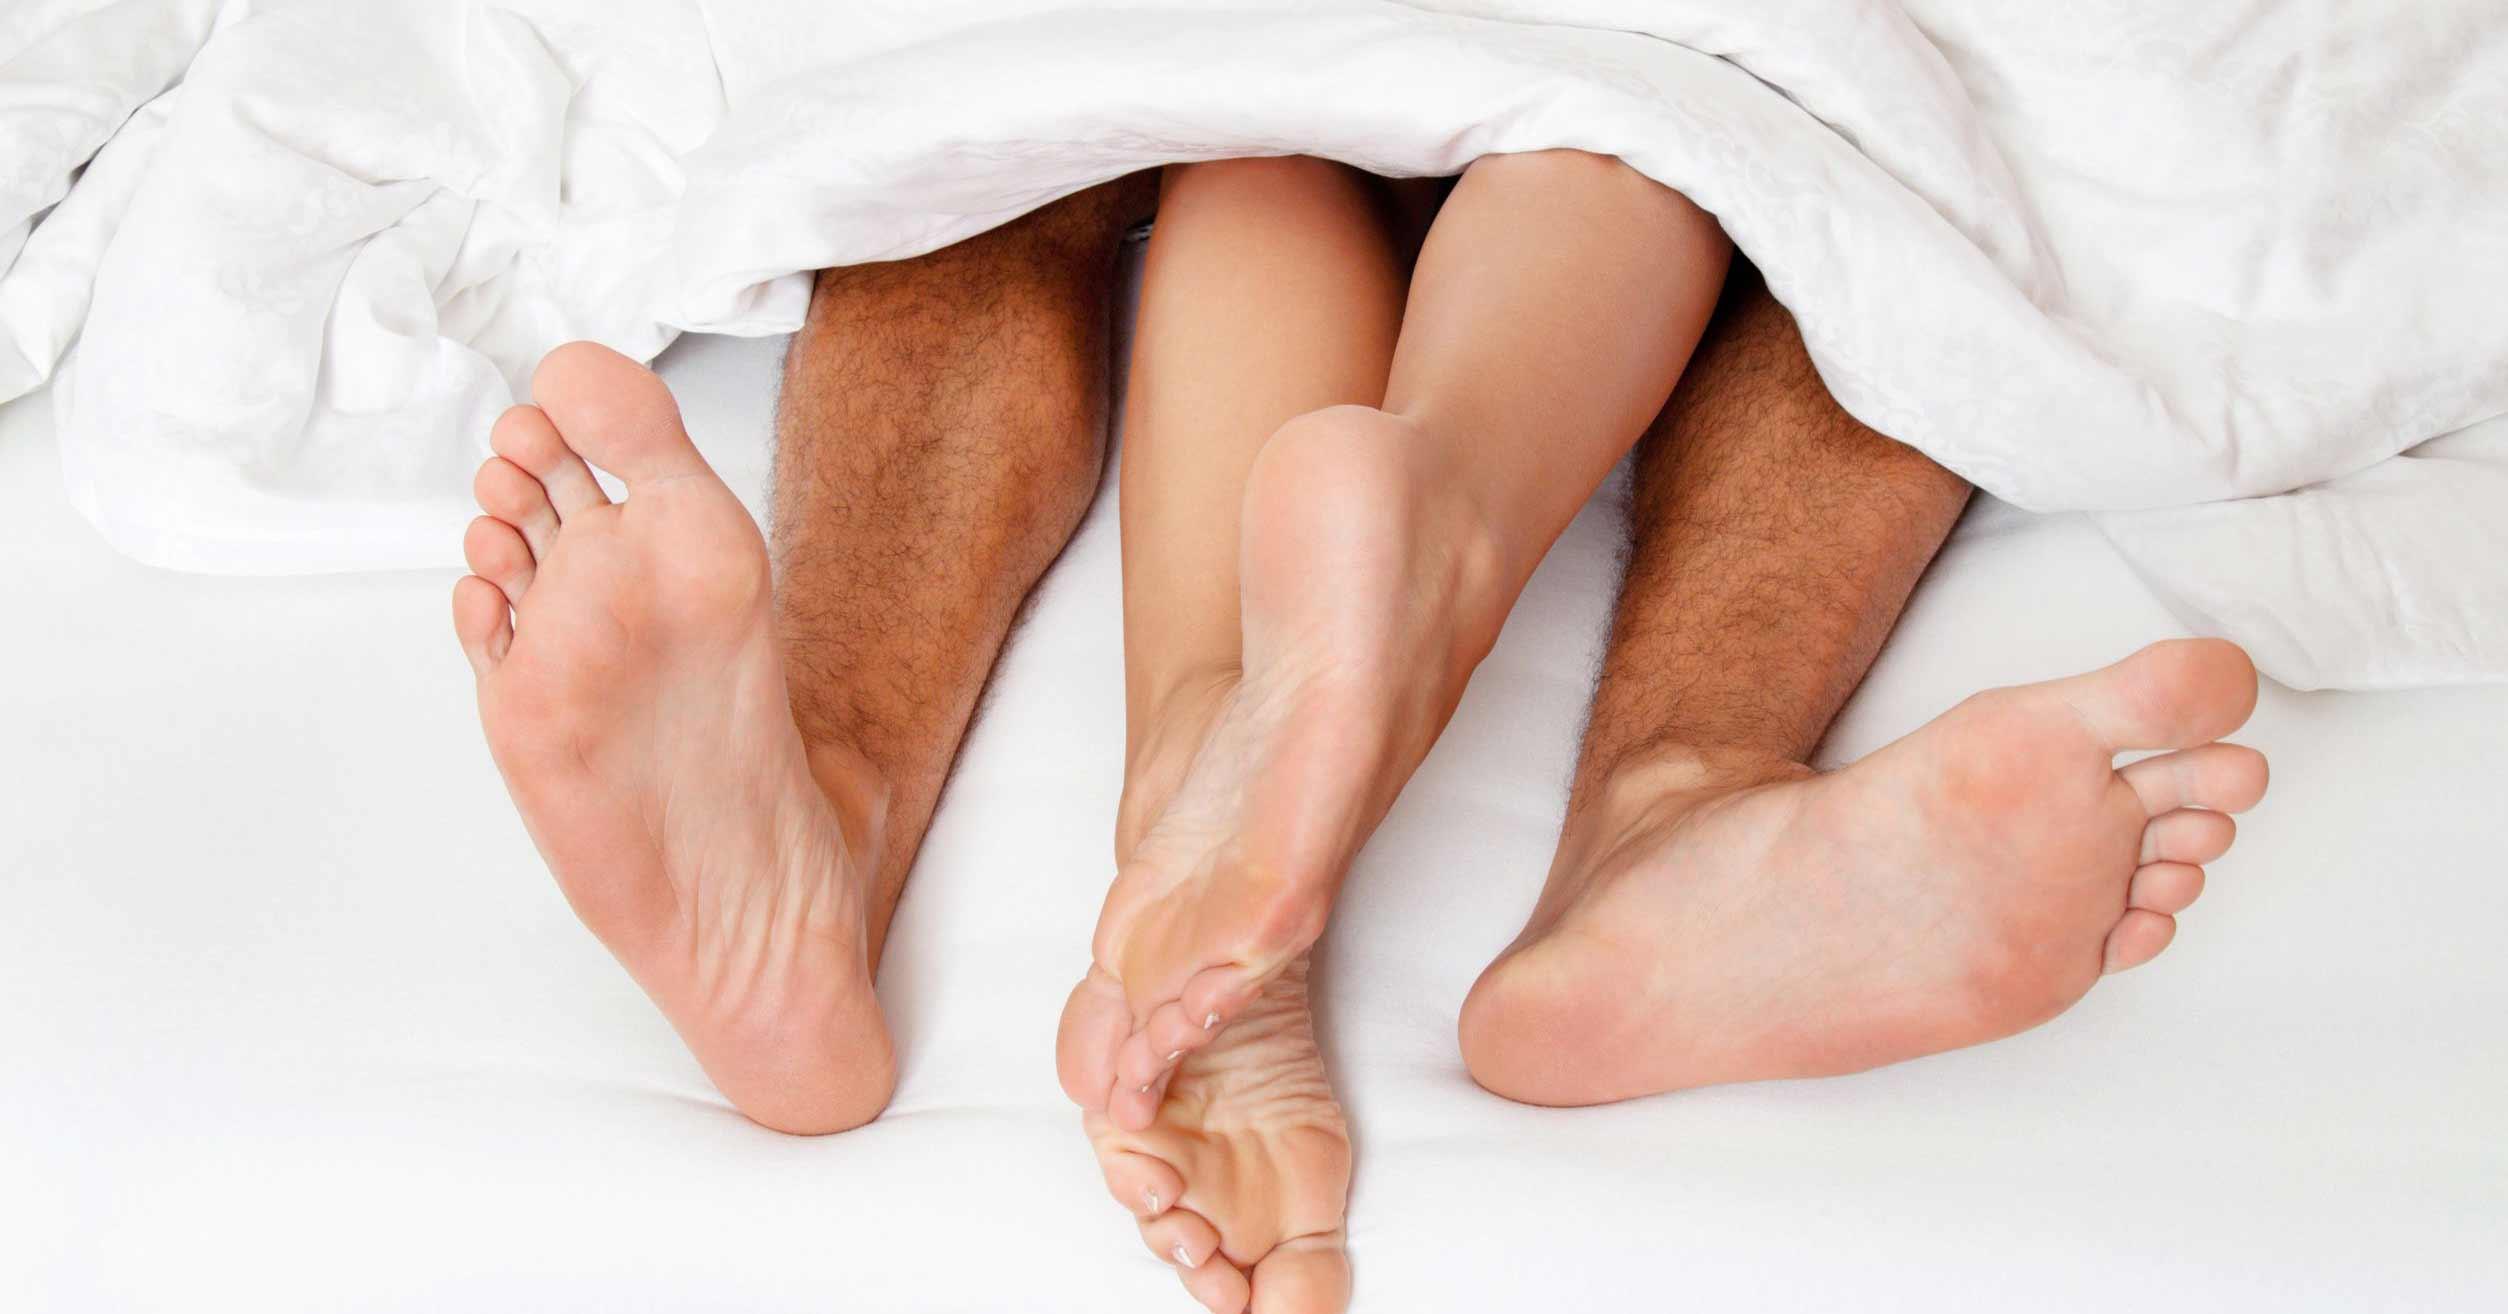 uprawianie sexu